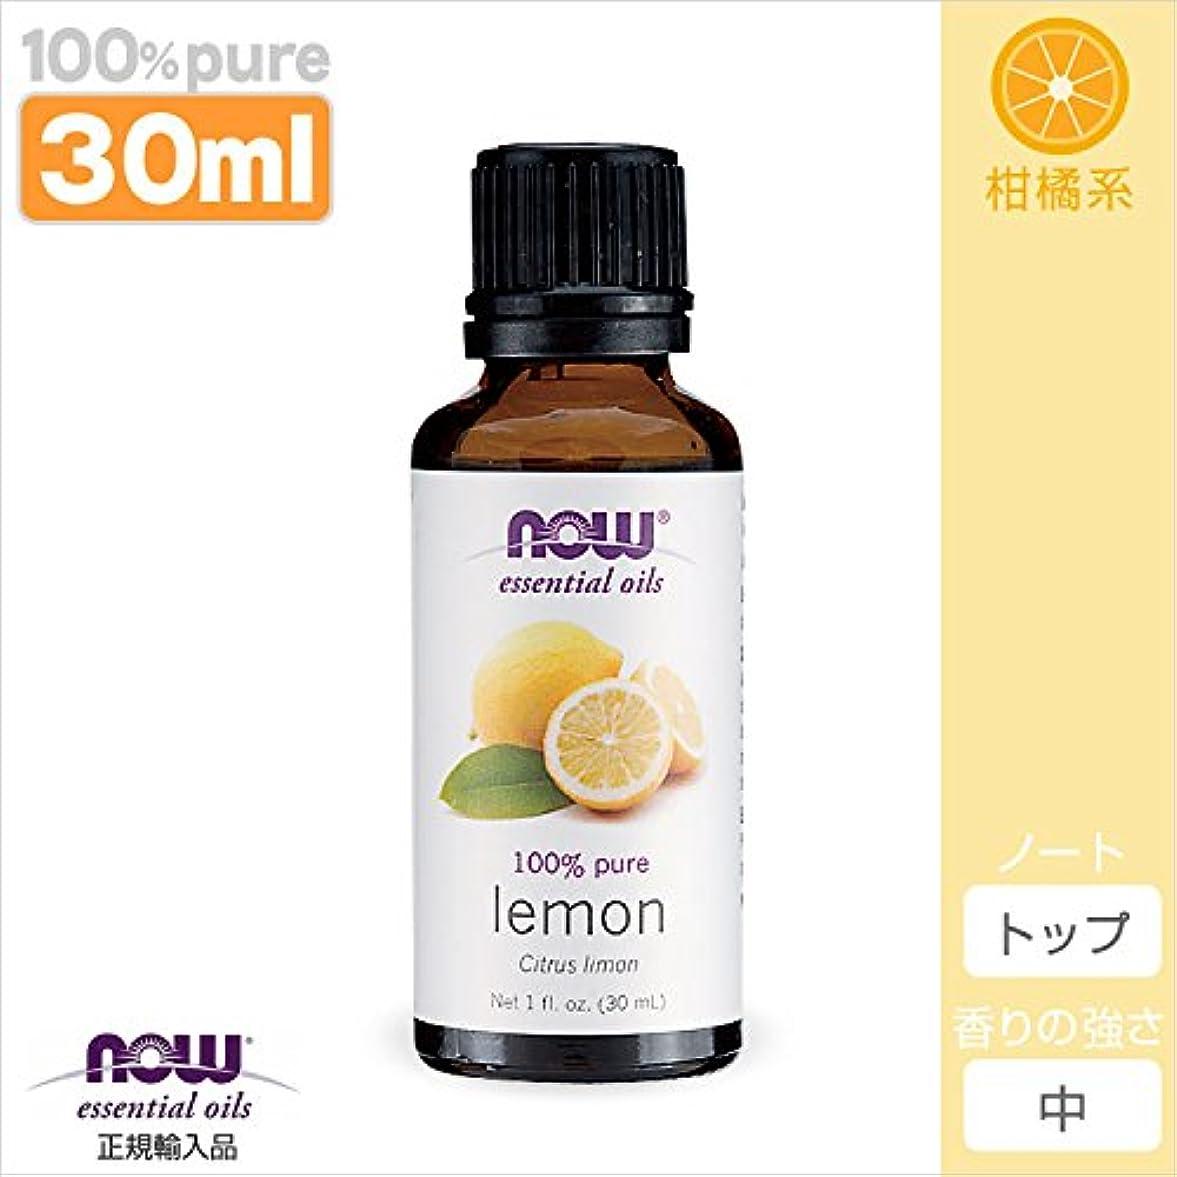 完璧な経済的頑固なレモン 精油[30ml] 【正規輸入品】 NOWエッセンシャルオイル(アロマオイル)